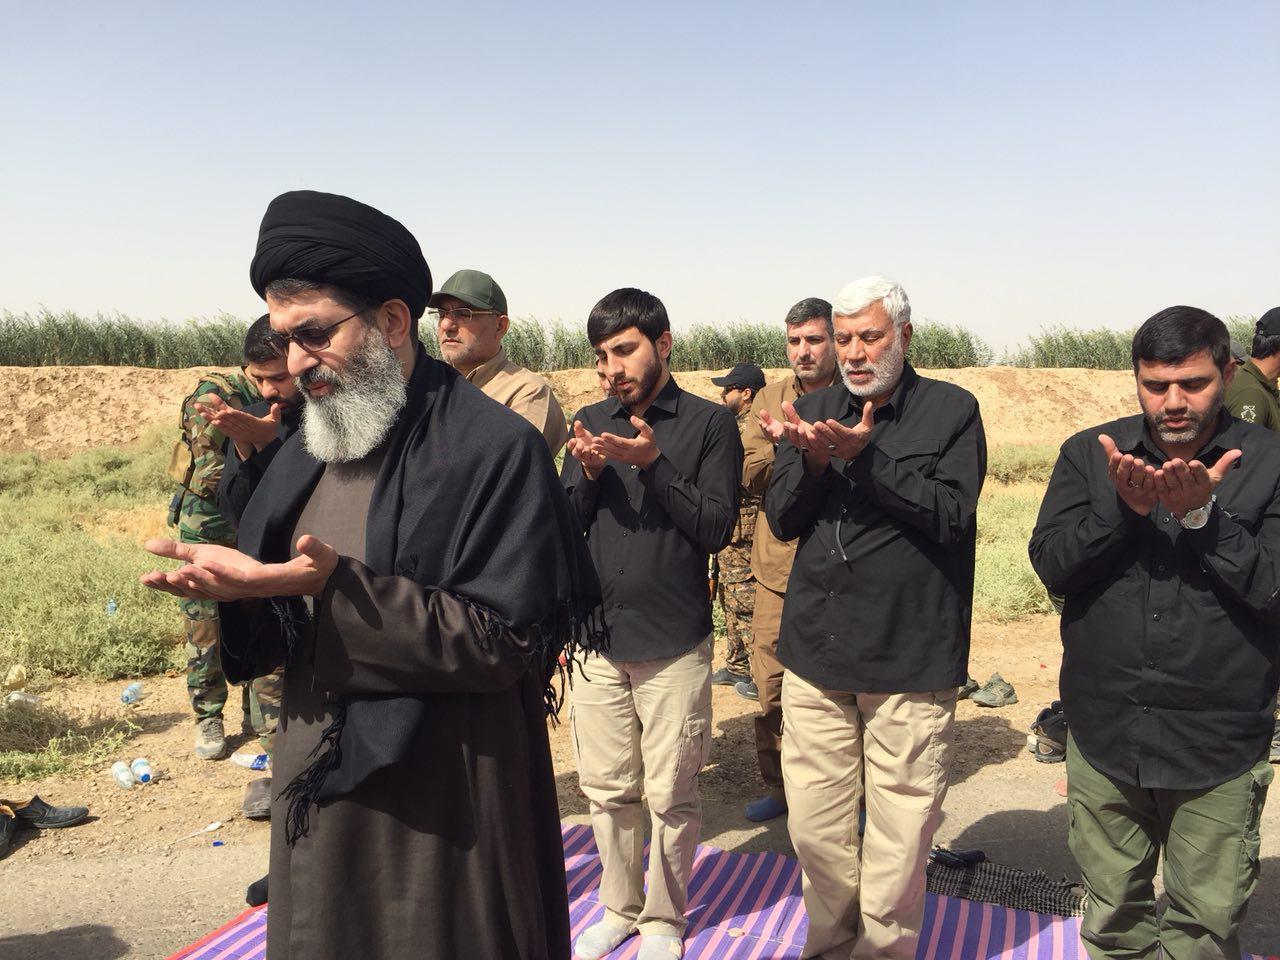 حضور سید هاشم الحیدری به همراه فرماندهان بسیج مردمی در منطقه حویج